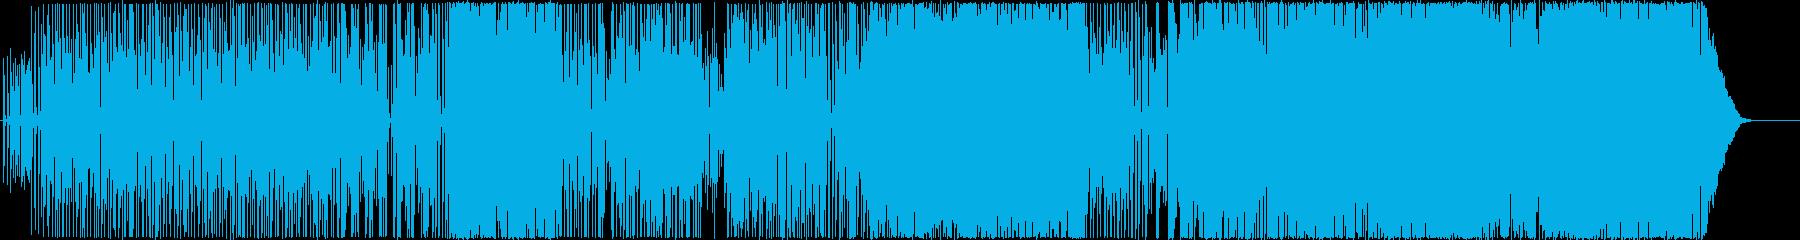 サニー・サイドアップの再生済みの波形